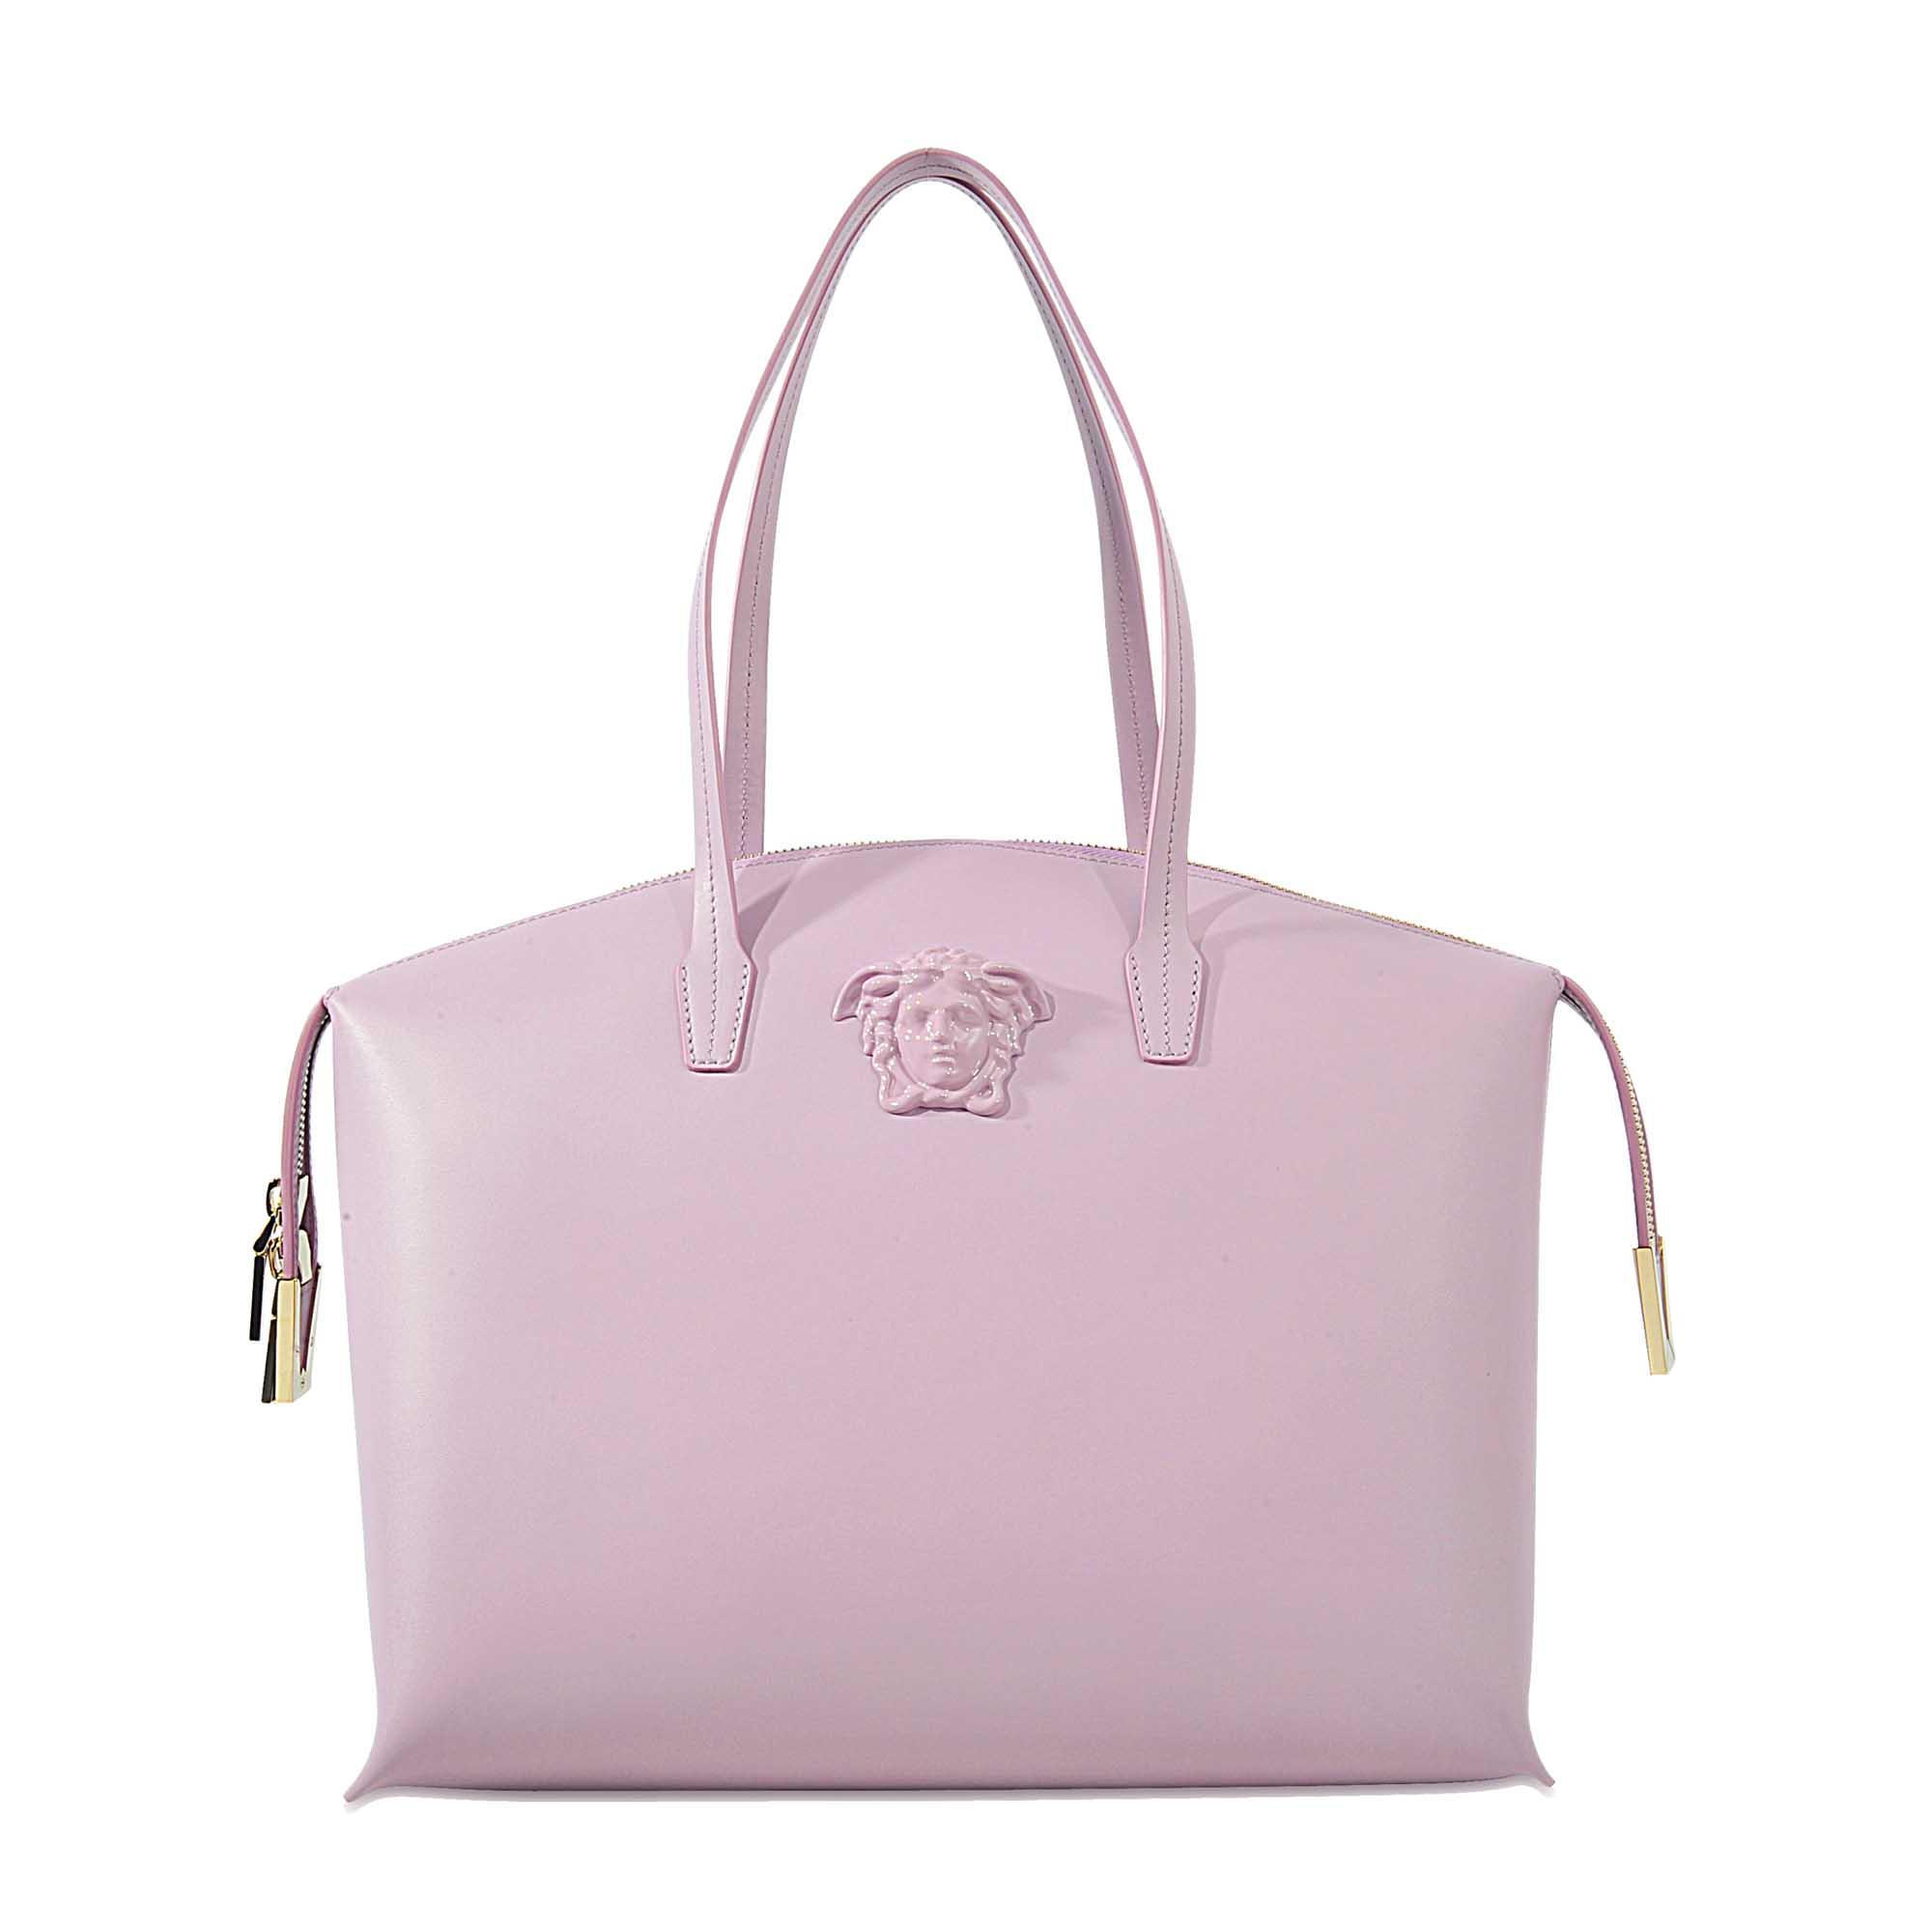 044aaa9b49fe Lyst - Versace Vitello Tote Bag Saffiano in Purple